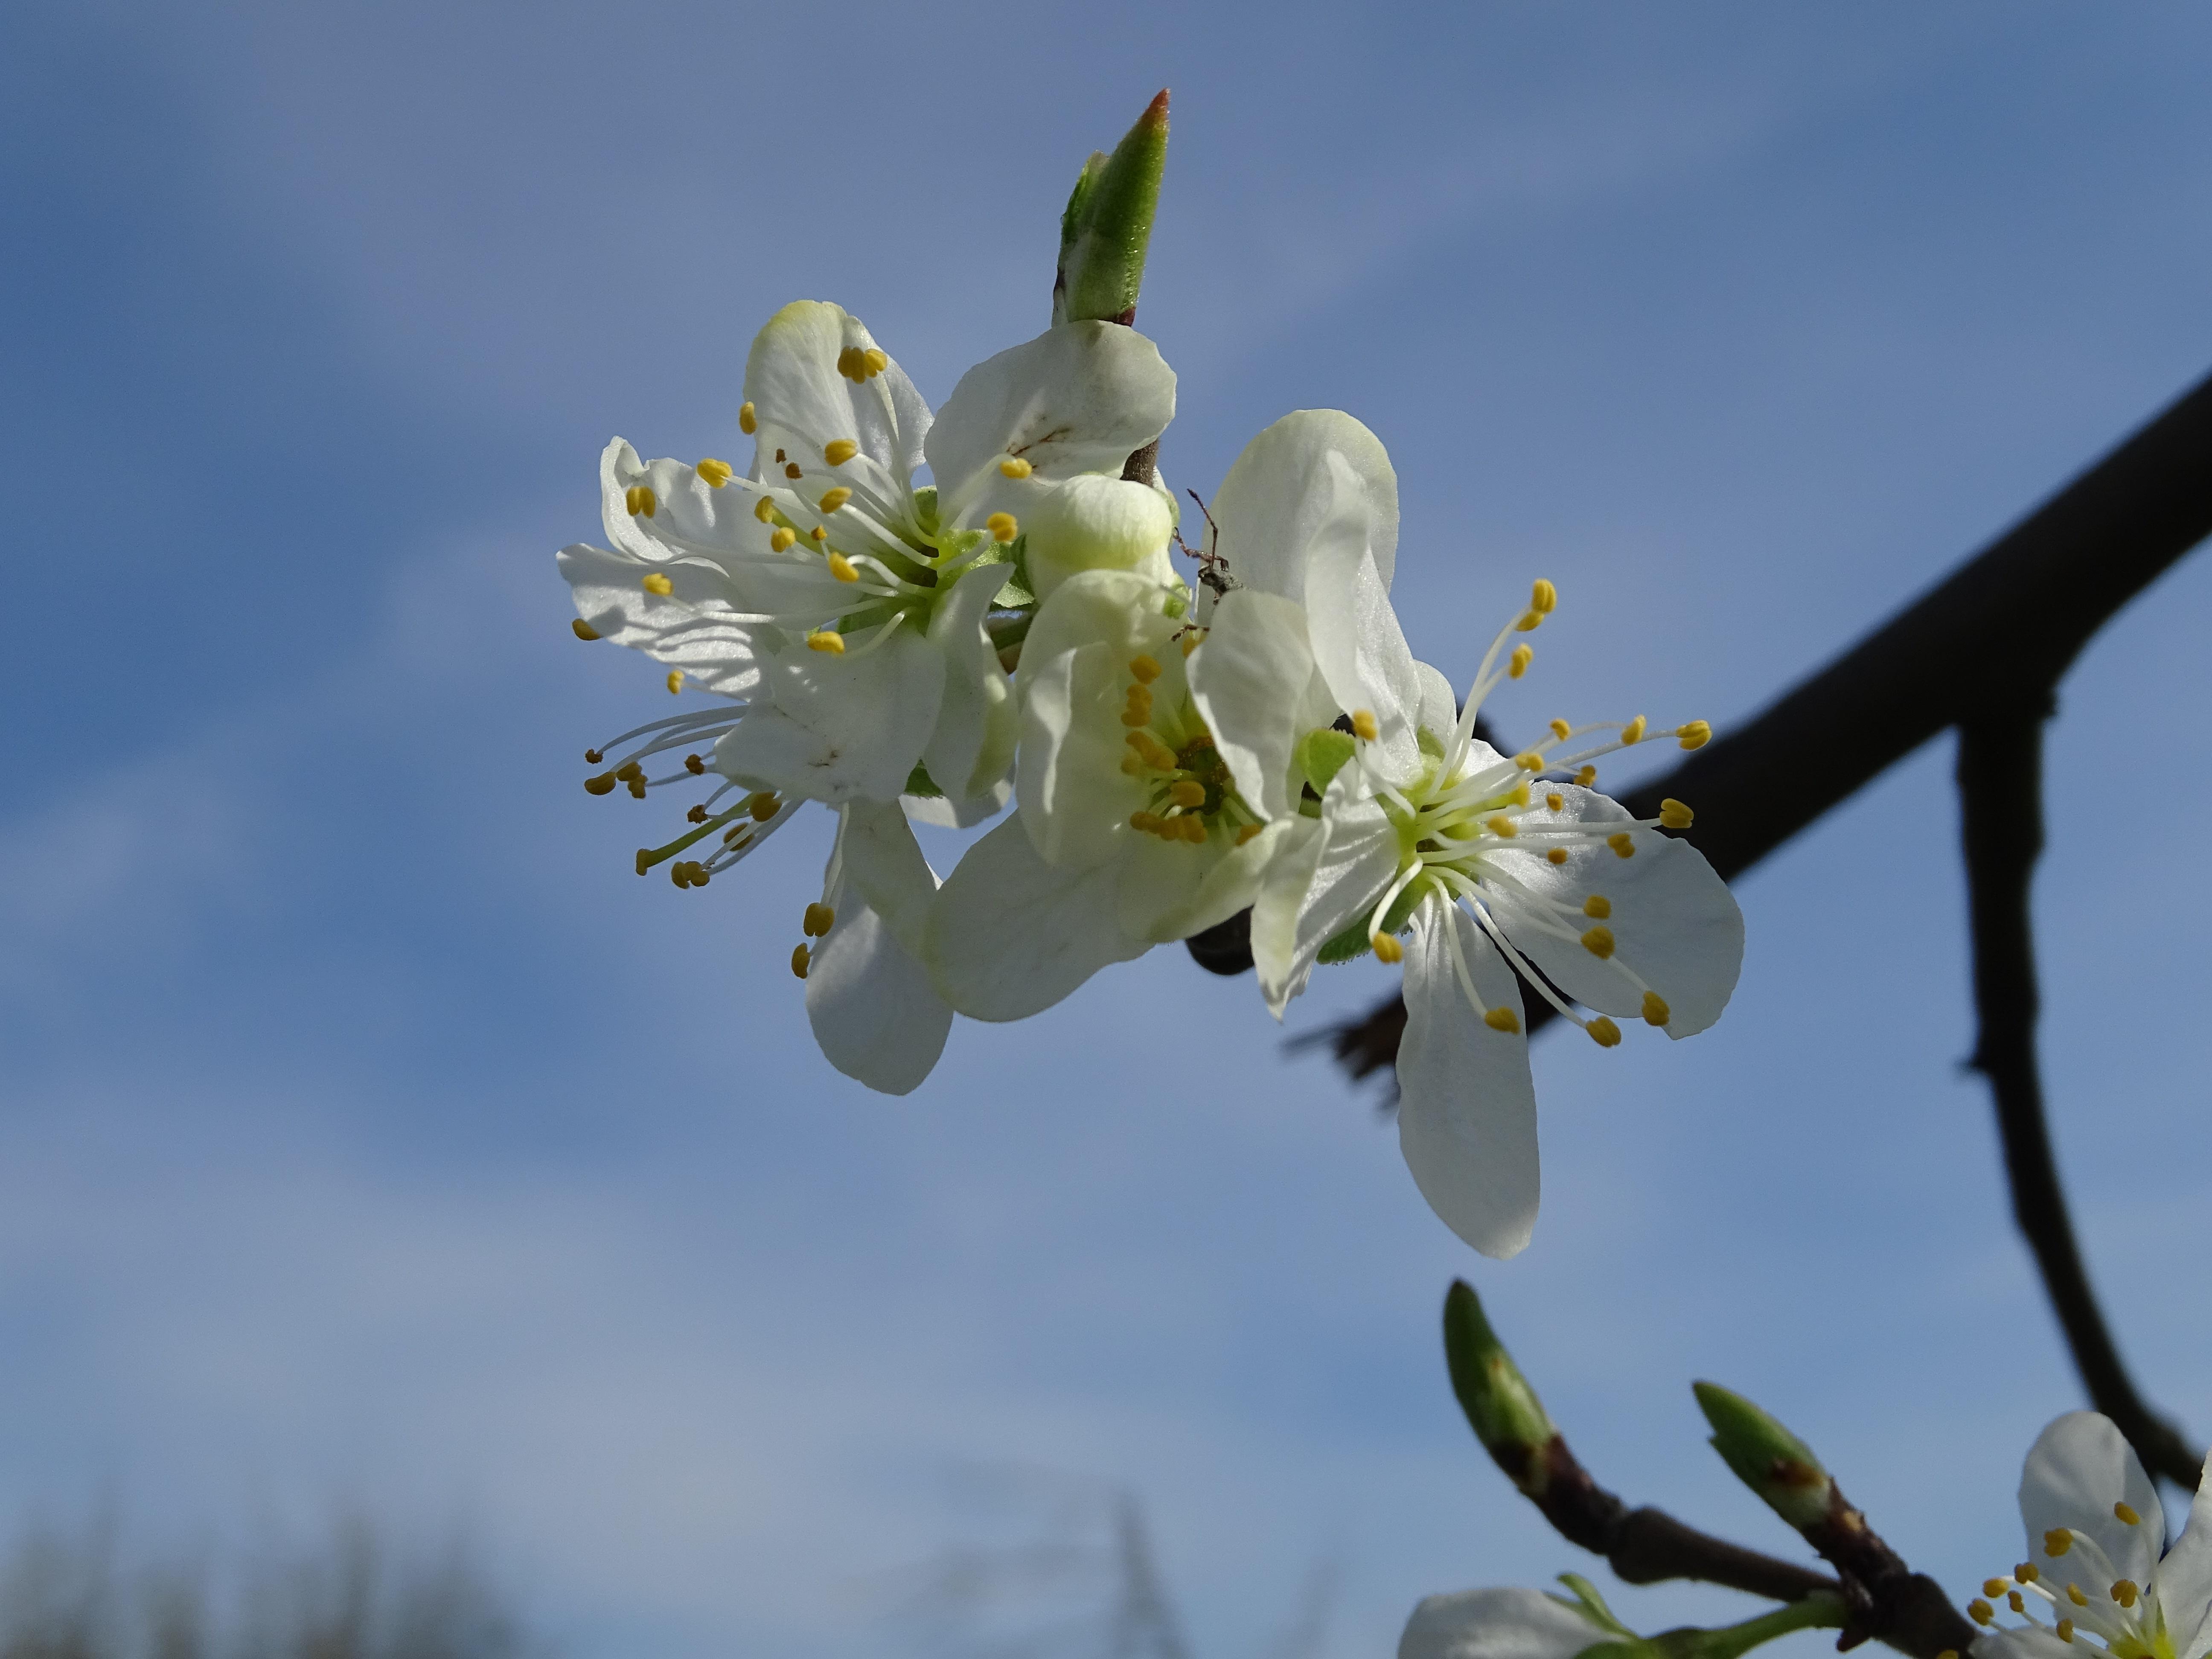 banco de imagens natureza ramo plantar fruta flor comida primavera produzir botnica flora flor de cerejeira flores silvestres fecharse